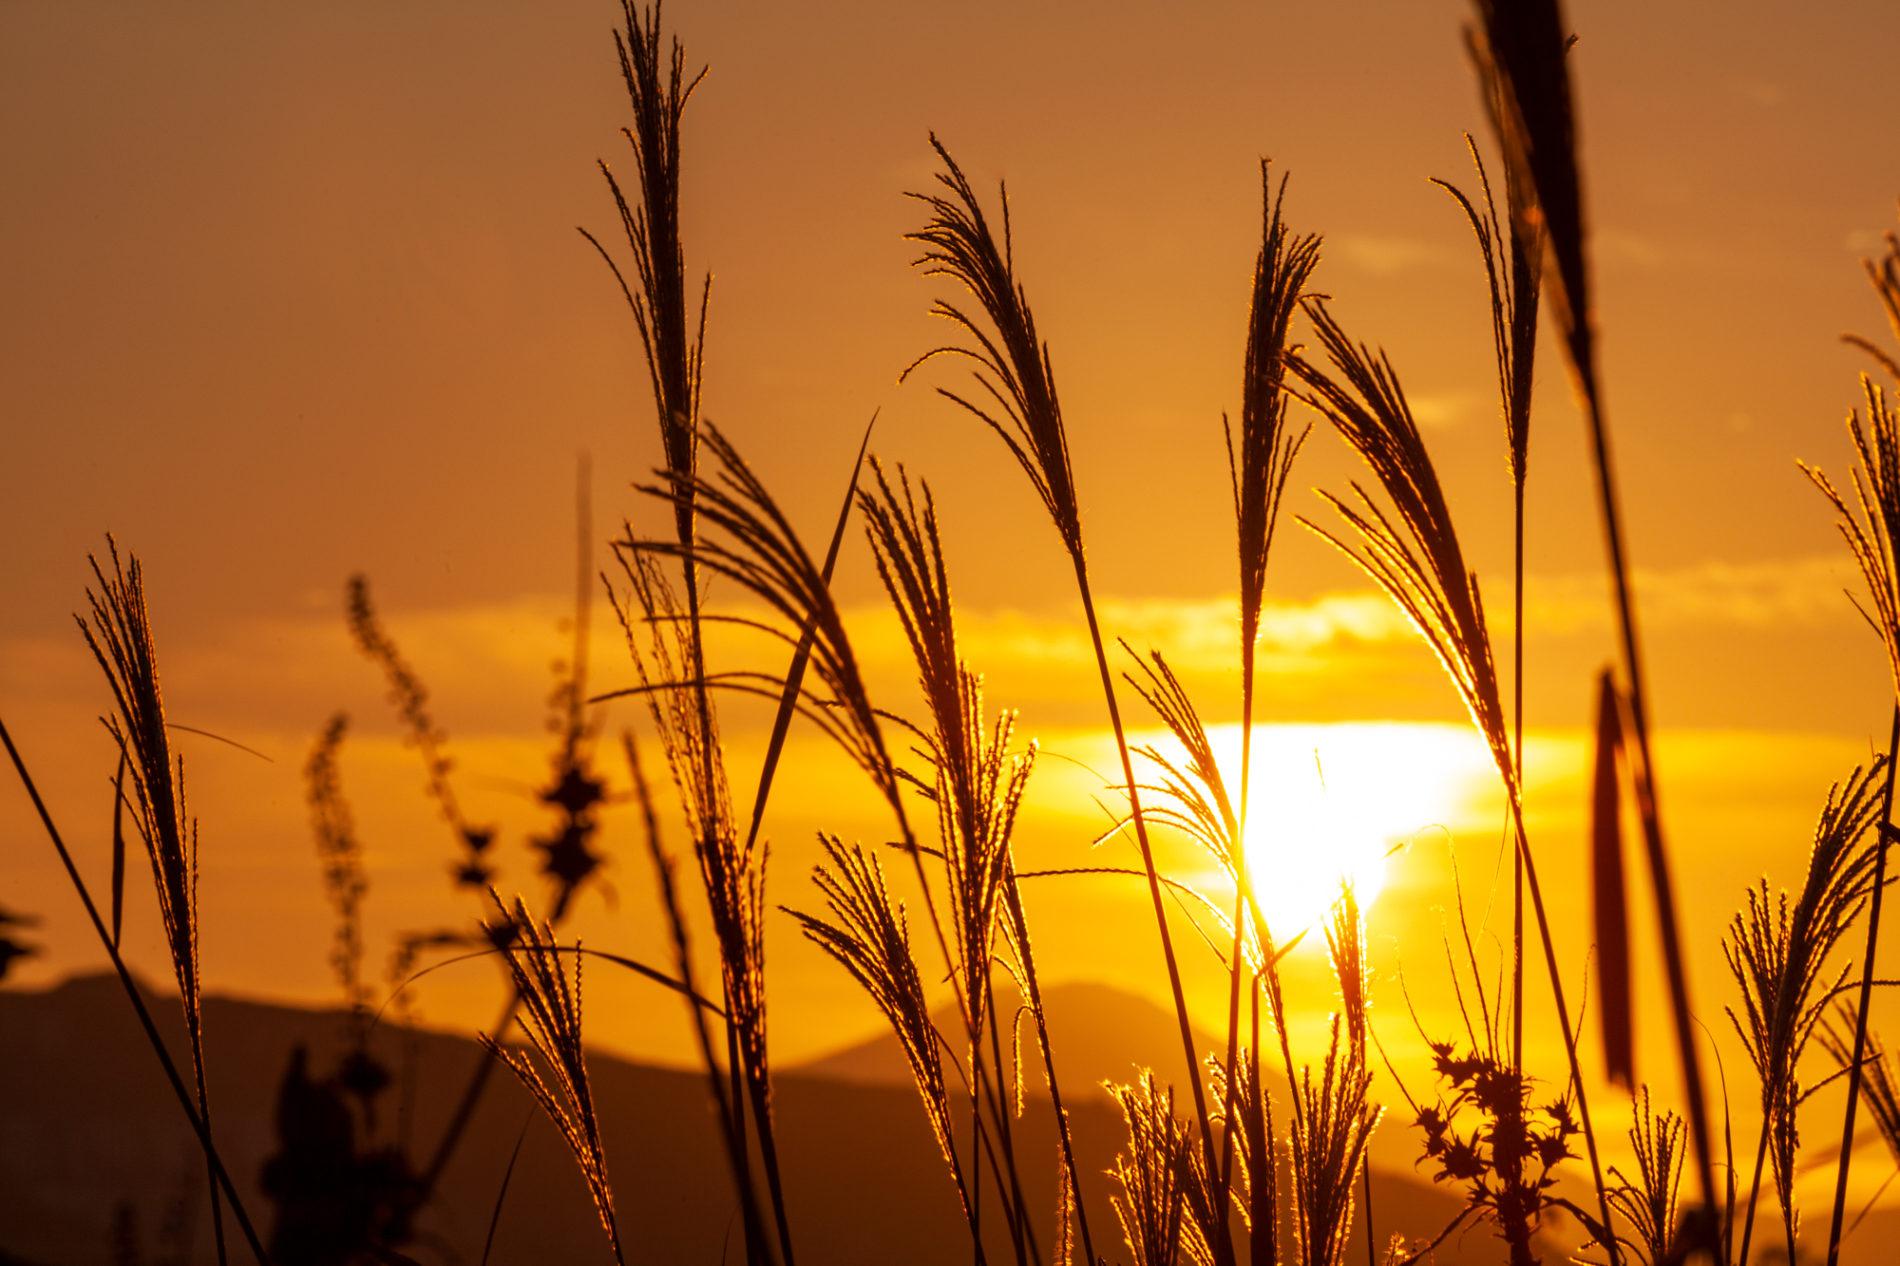 薄(ススキ,すすき)と夕陽、逆光の画像